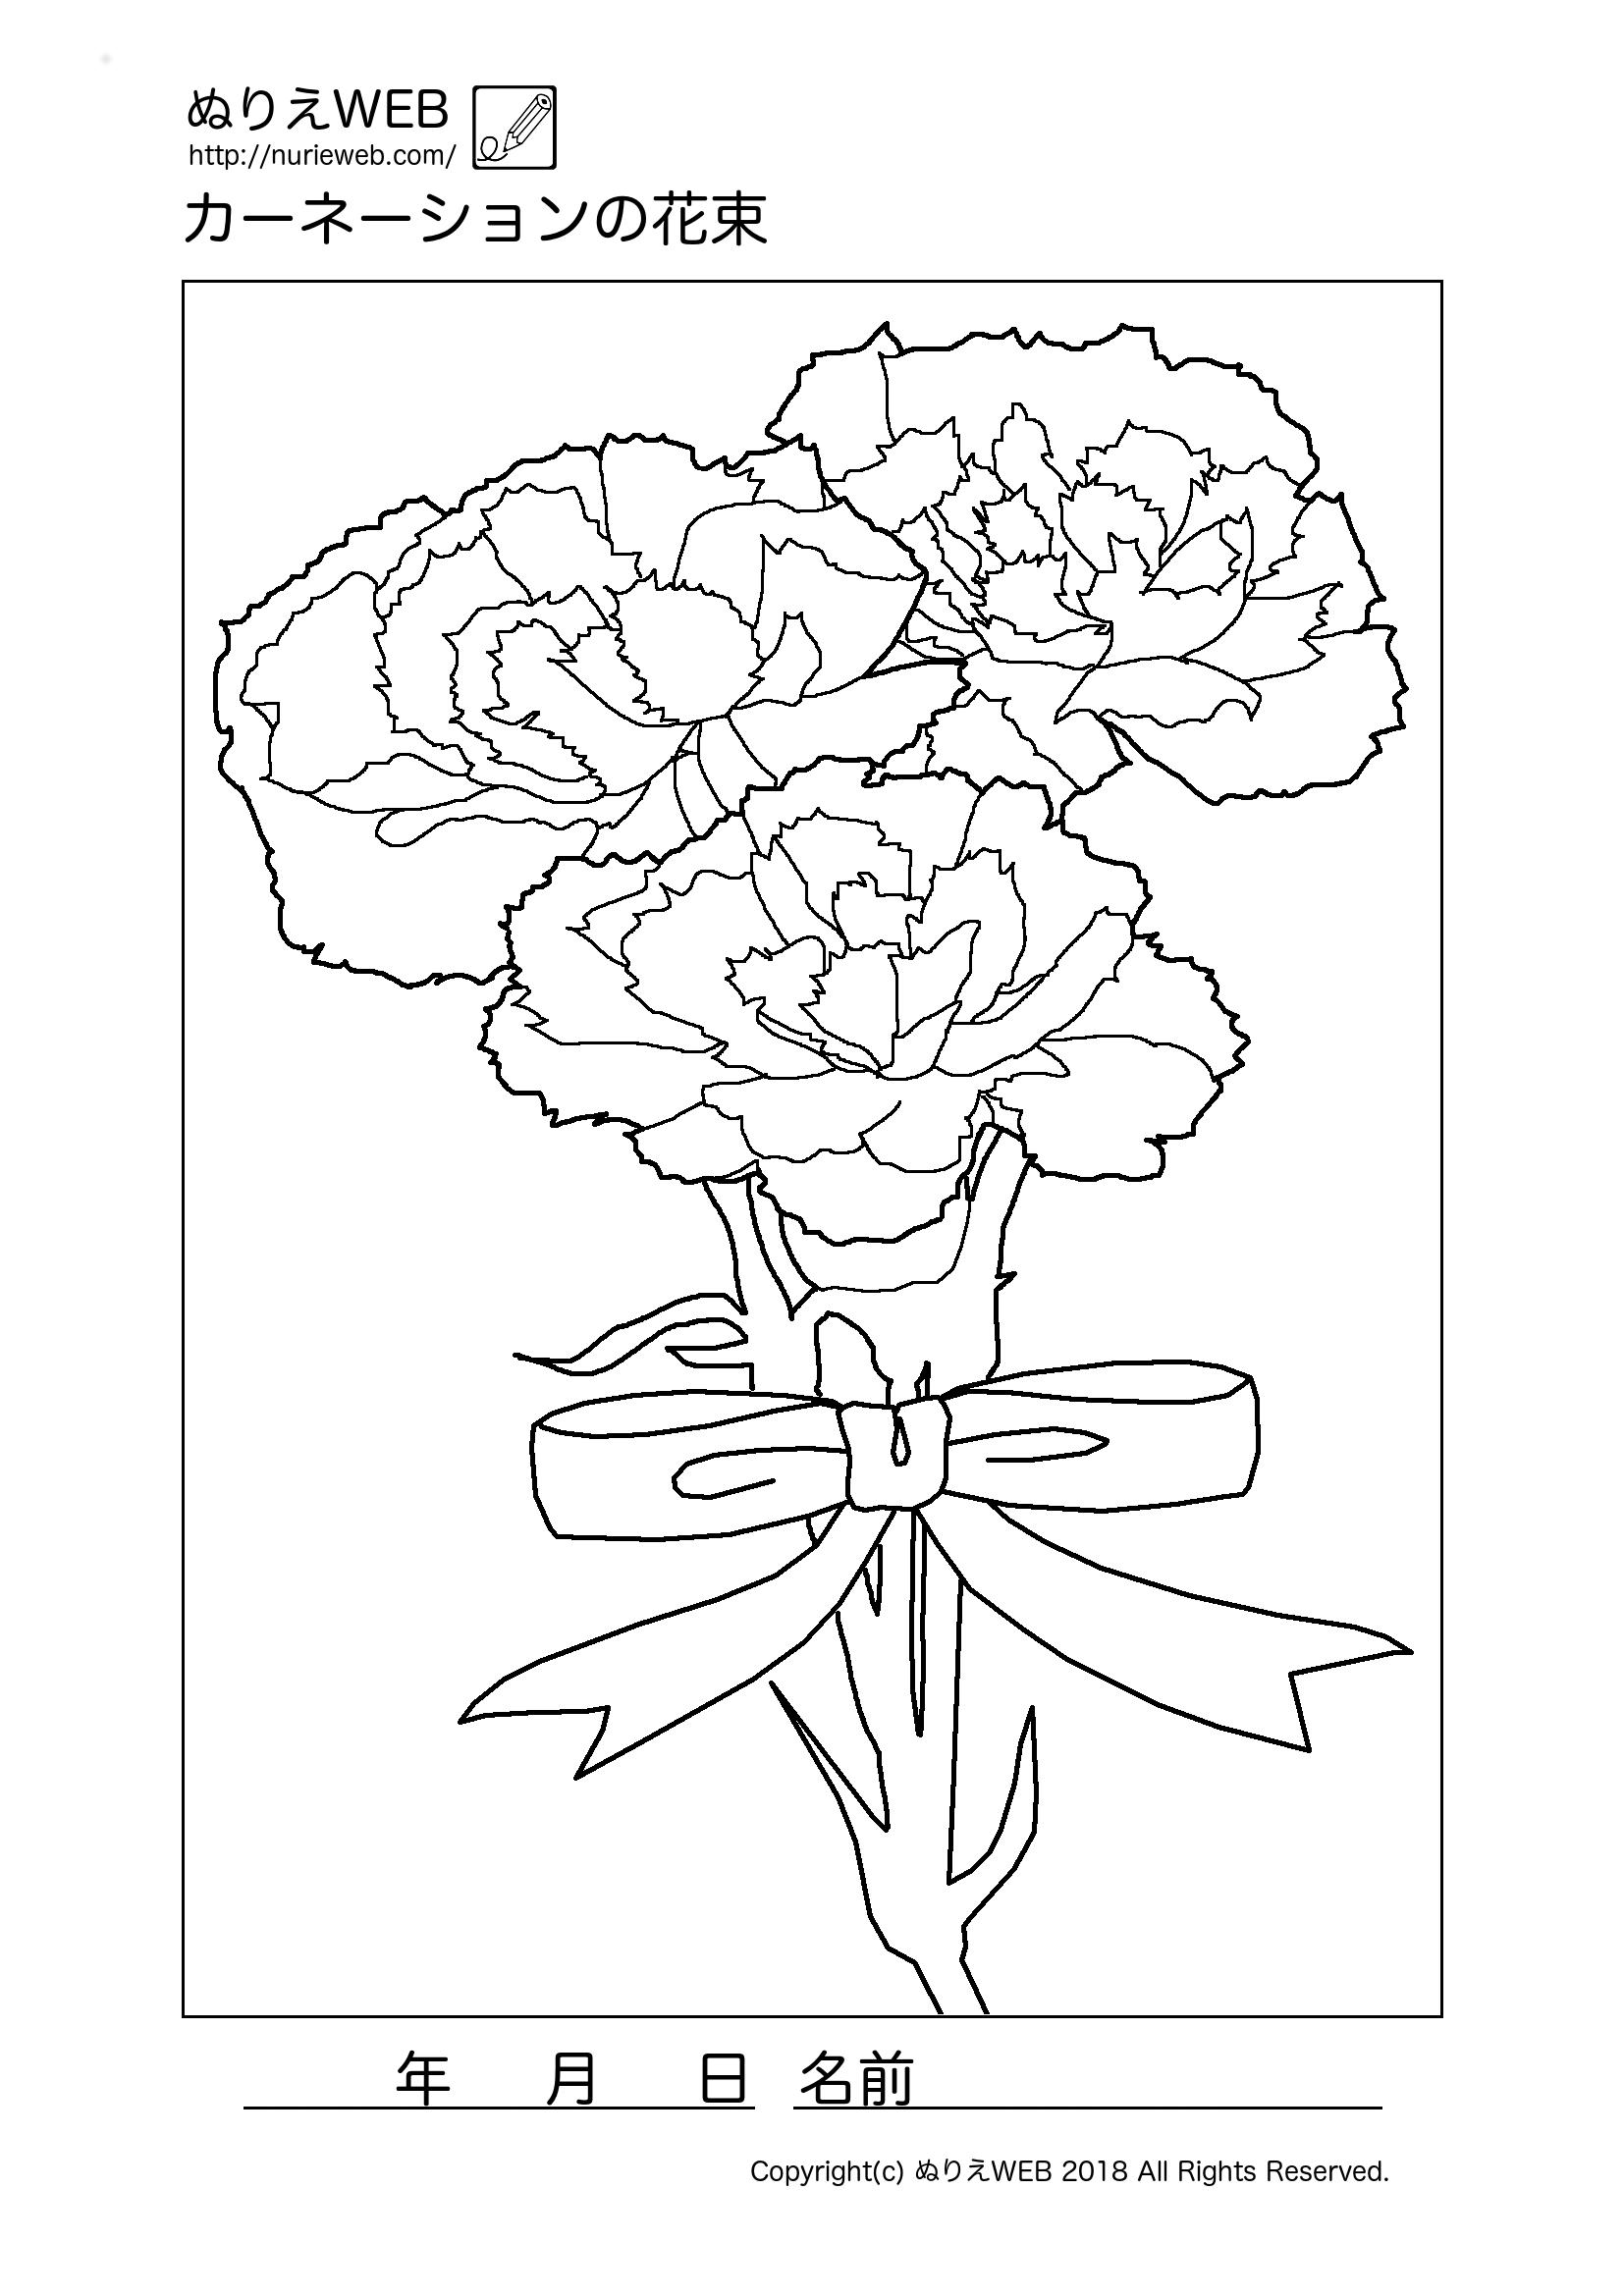 ぬりえweb カーネーションの花束の塗り絵 塗り絵 花の塗り絵 花 イラスト